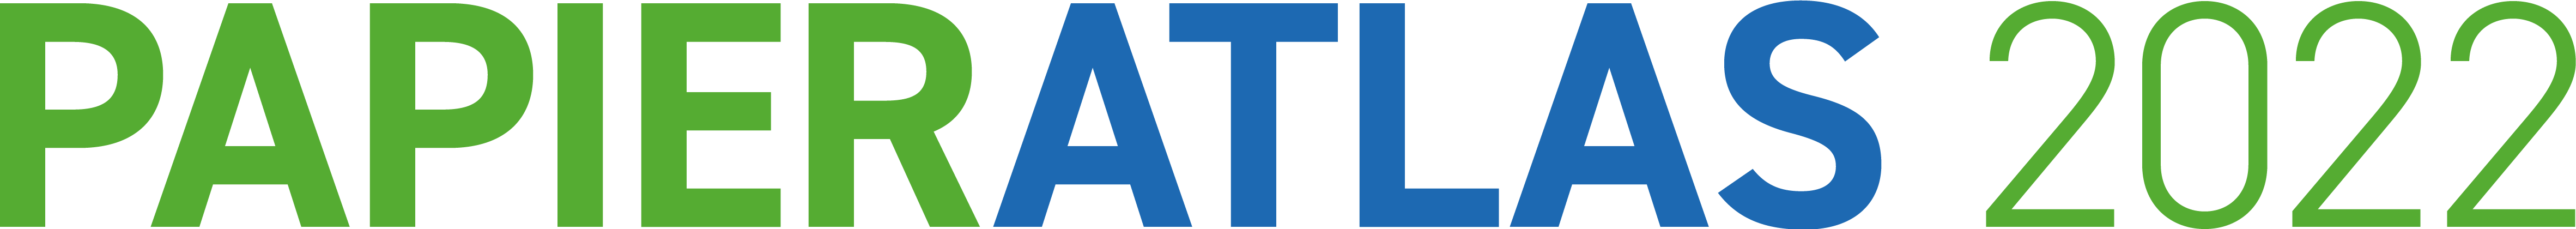 Logo Papieratlas